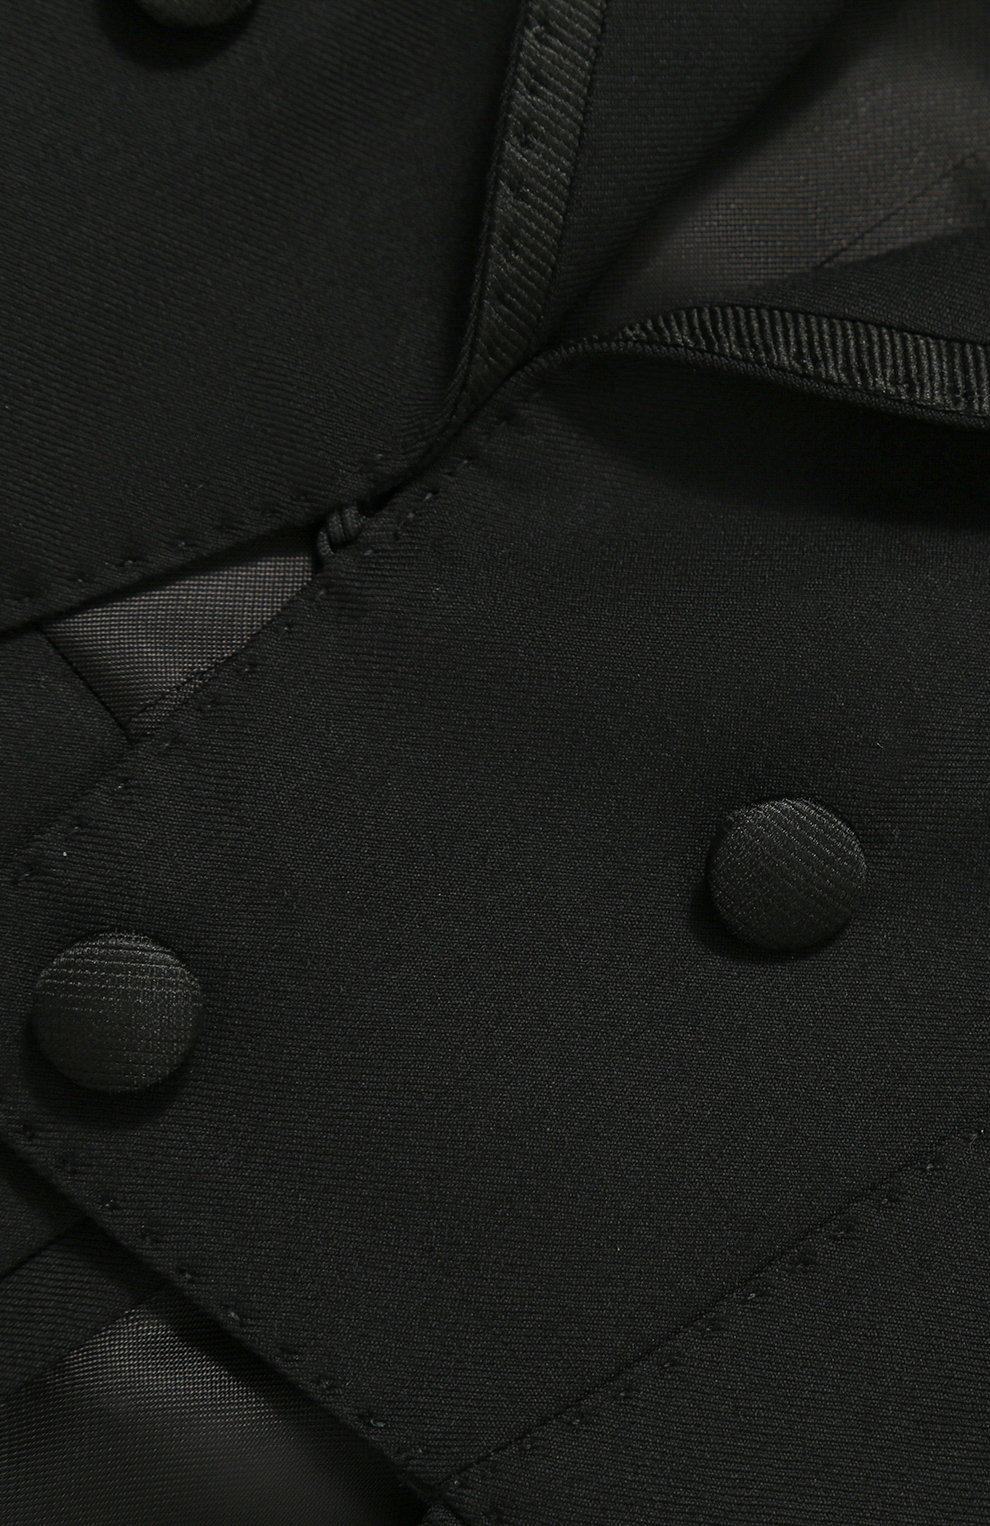 Шерстяной фрак с отделкой из шелка Dolce & Gabbana черного цвета | Фото №6